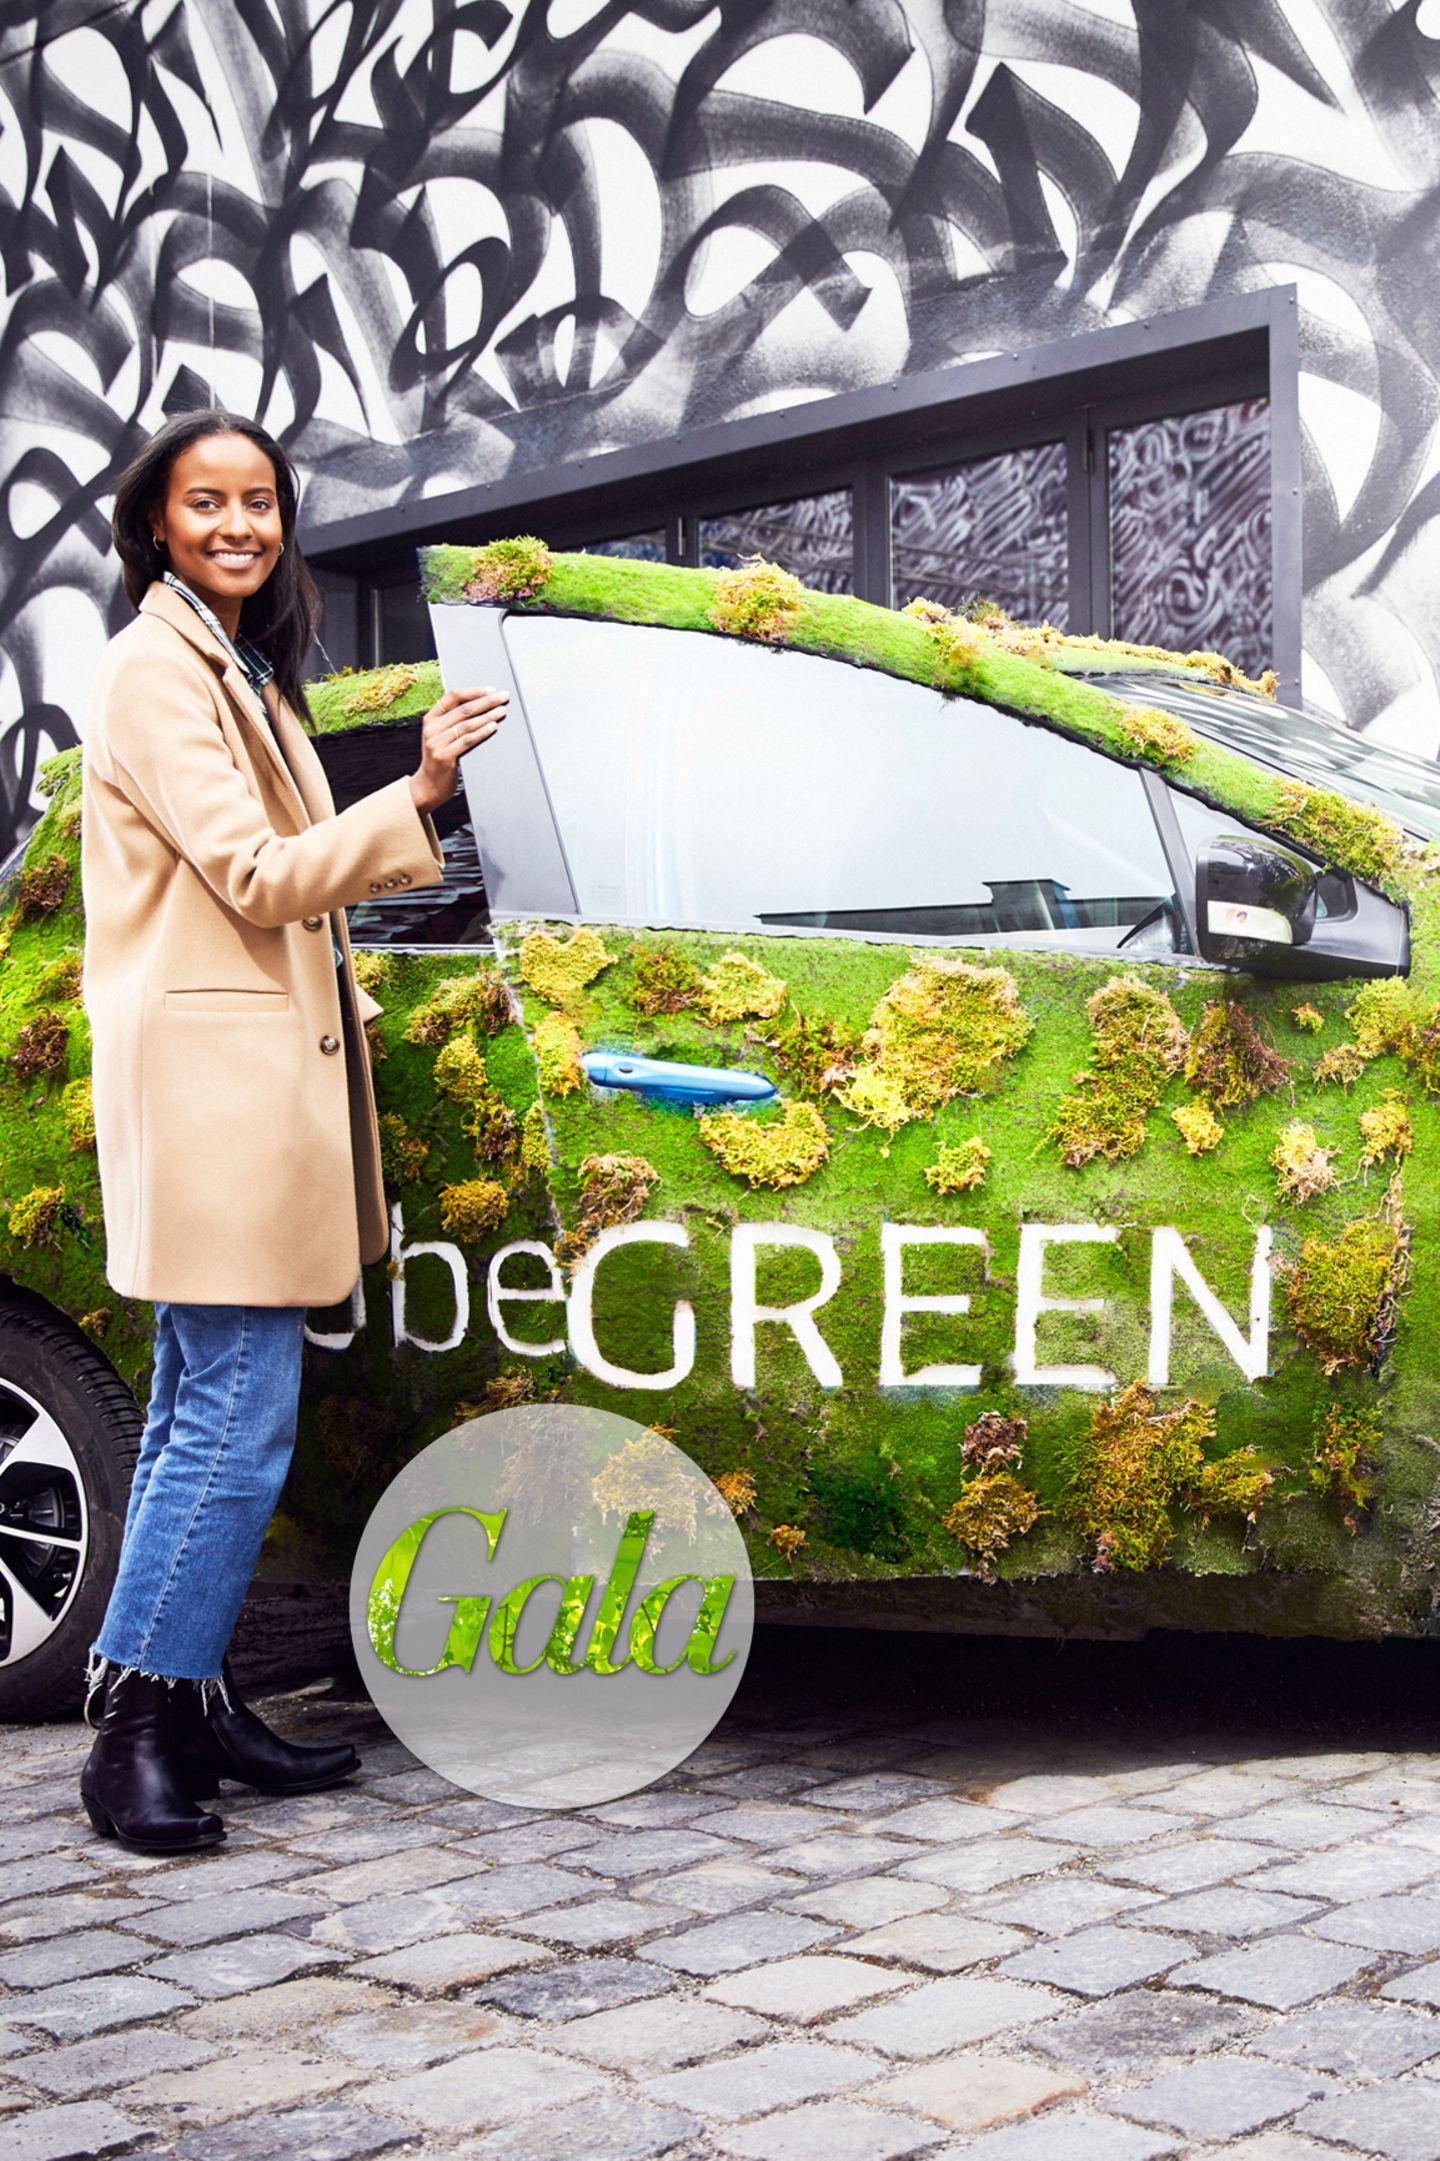 Weniger Emissionen bei maximaler Flexibilität: Die Fahrservice-App uber bietet nun auch Fahrten mit Elektrofahrzeugen an. Nicht nur Model Sara Nuru ist von uberGREEN begeistert!